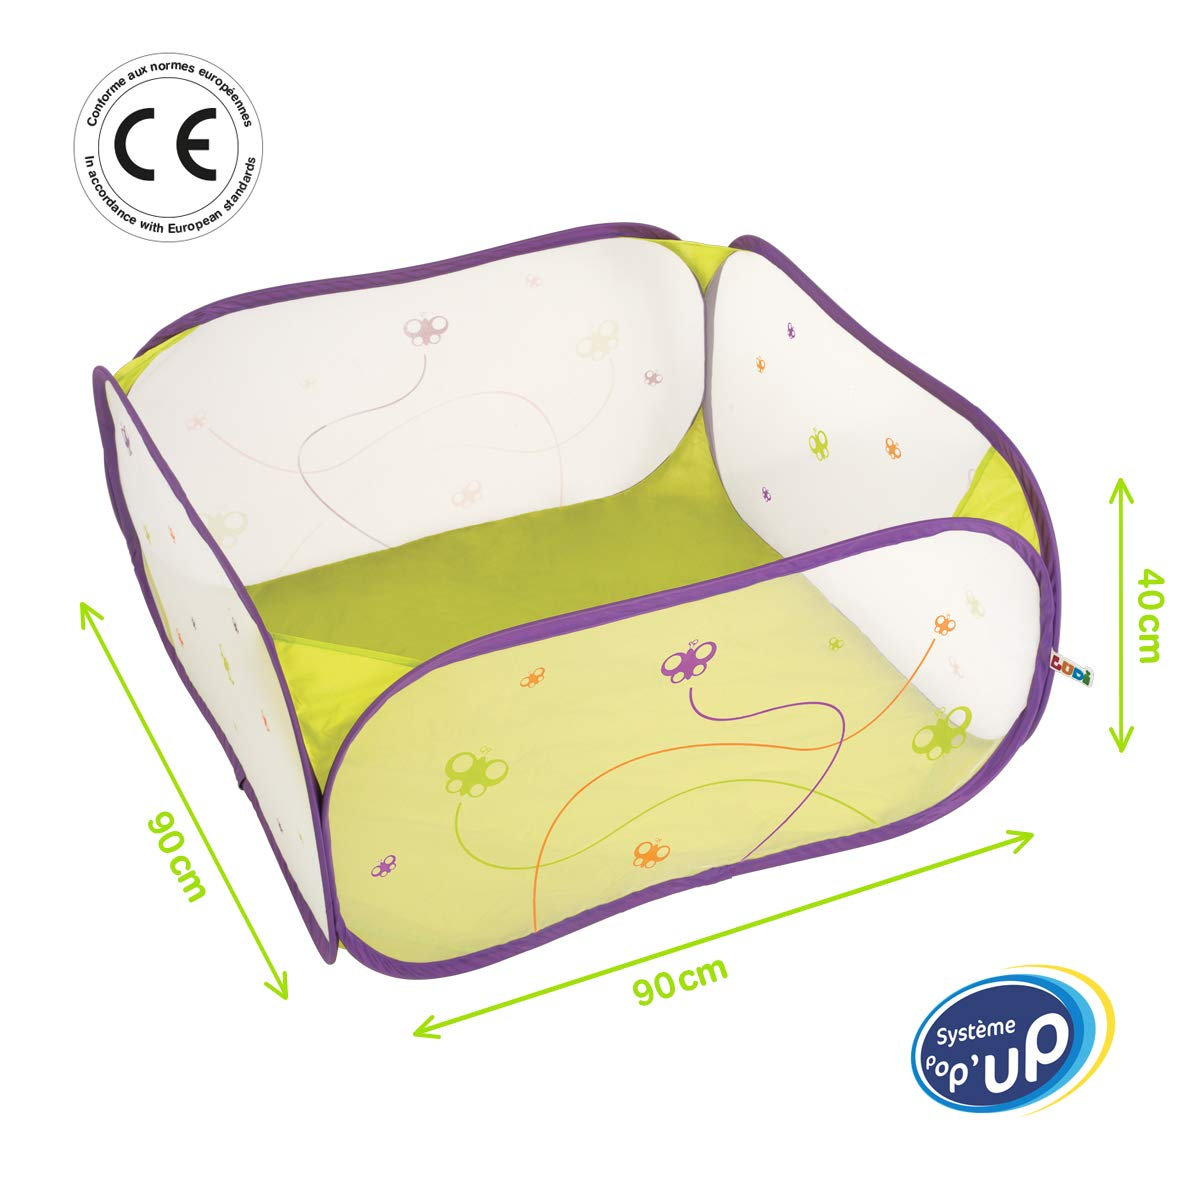 LUDI - Aire de jeu pour bébé en tissu et structure pop-up 90 x 90 x 44 cm. Dès la naissance. Pour jouer en sécurité ! Se Plie et se range dans un sac très léger.  Adapté pour les fond de parc - 2839 product image